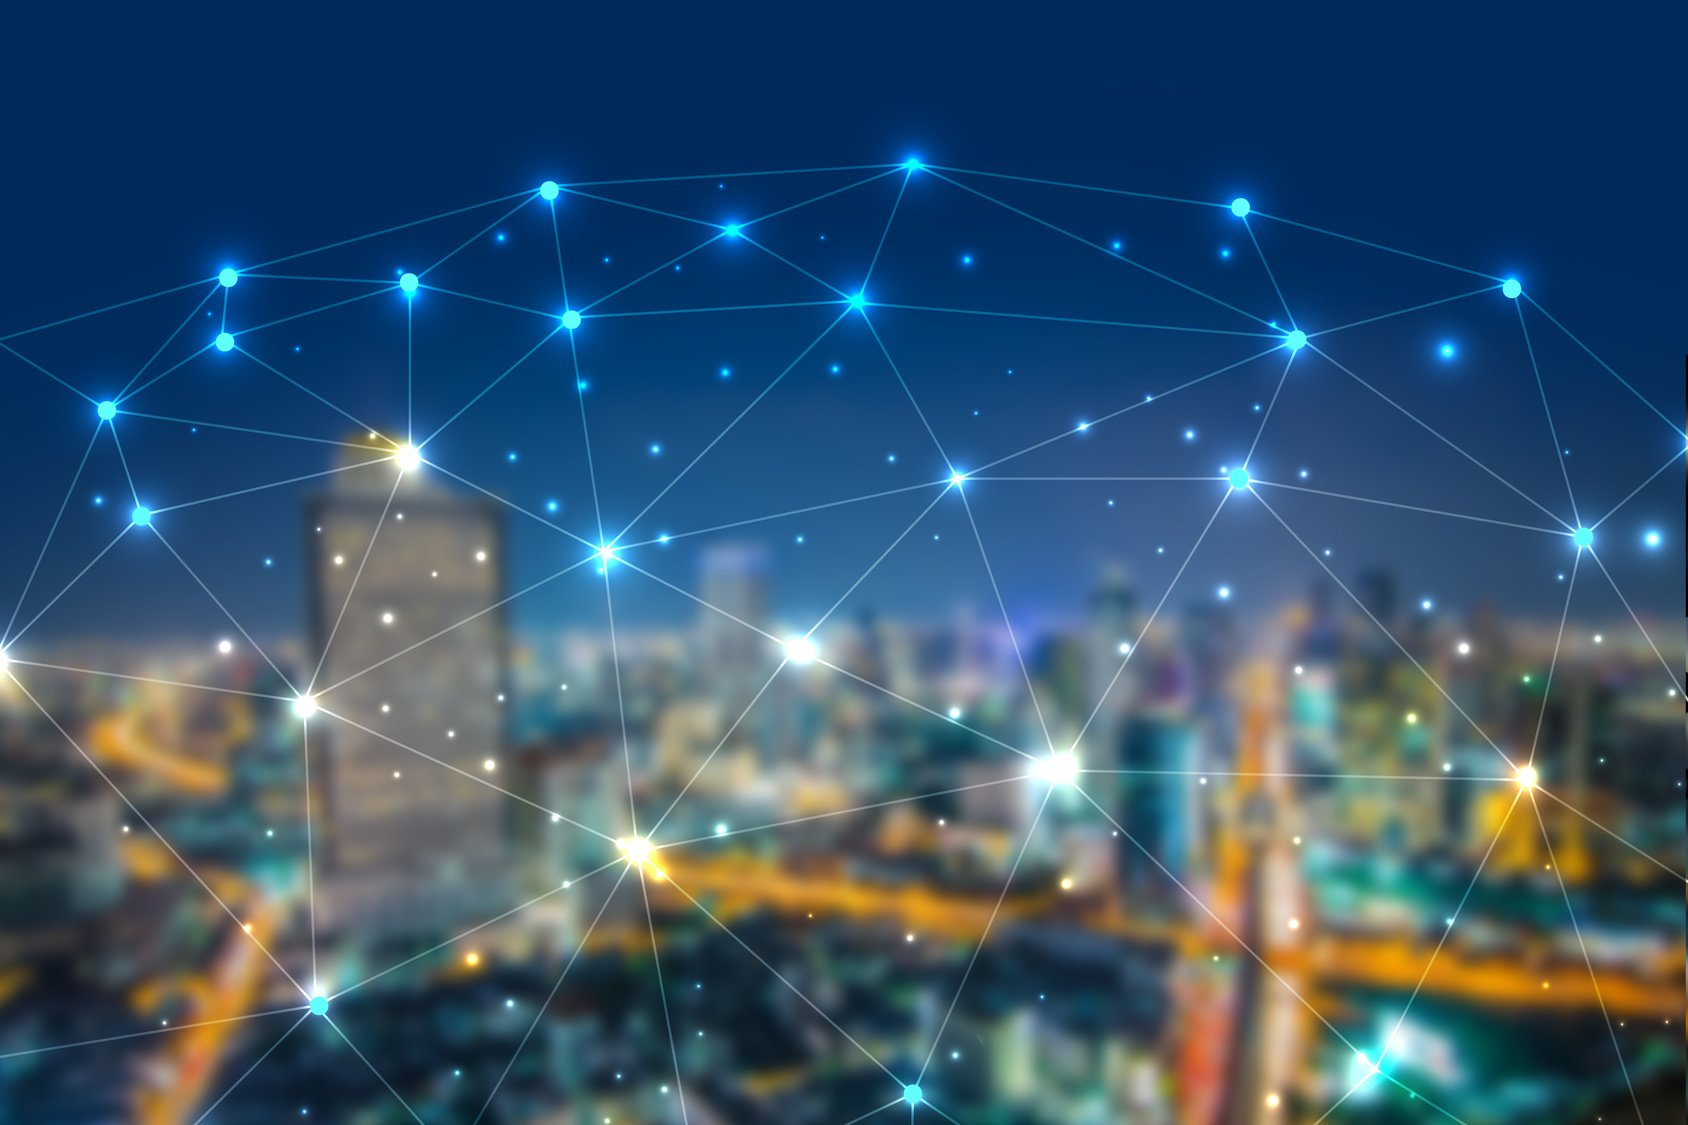 Steuerberater für Fin-Tech - Legal-Tech - Tax-Tech - Blockchain